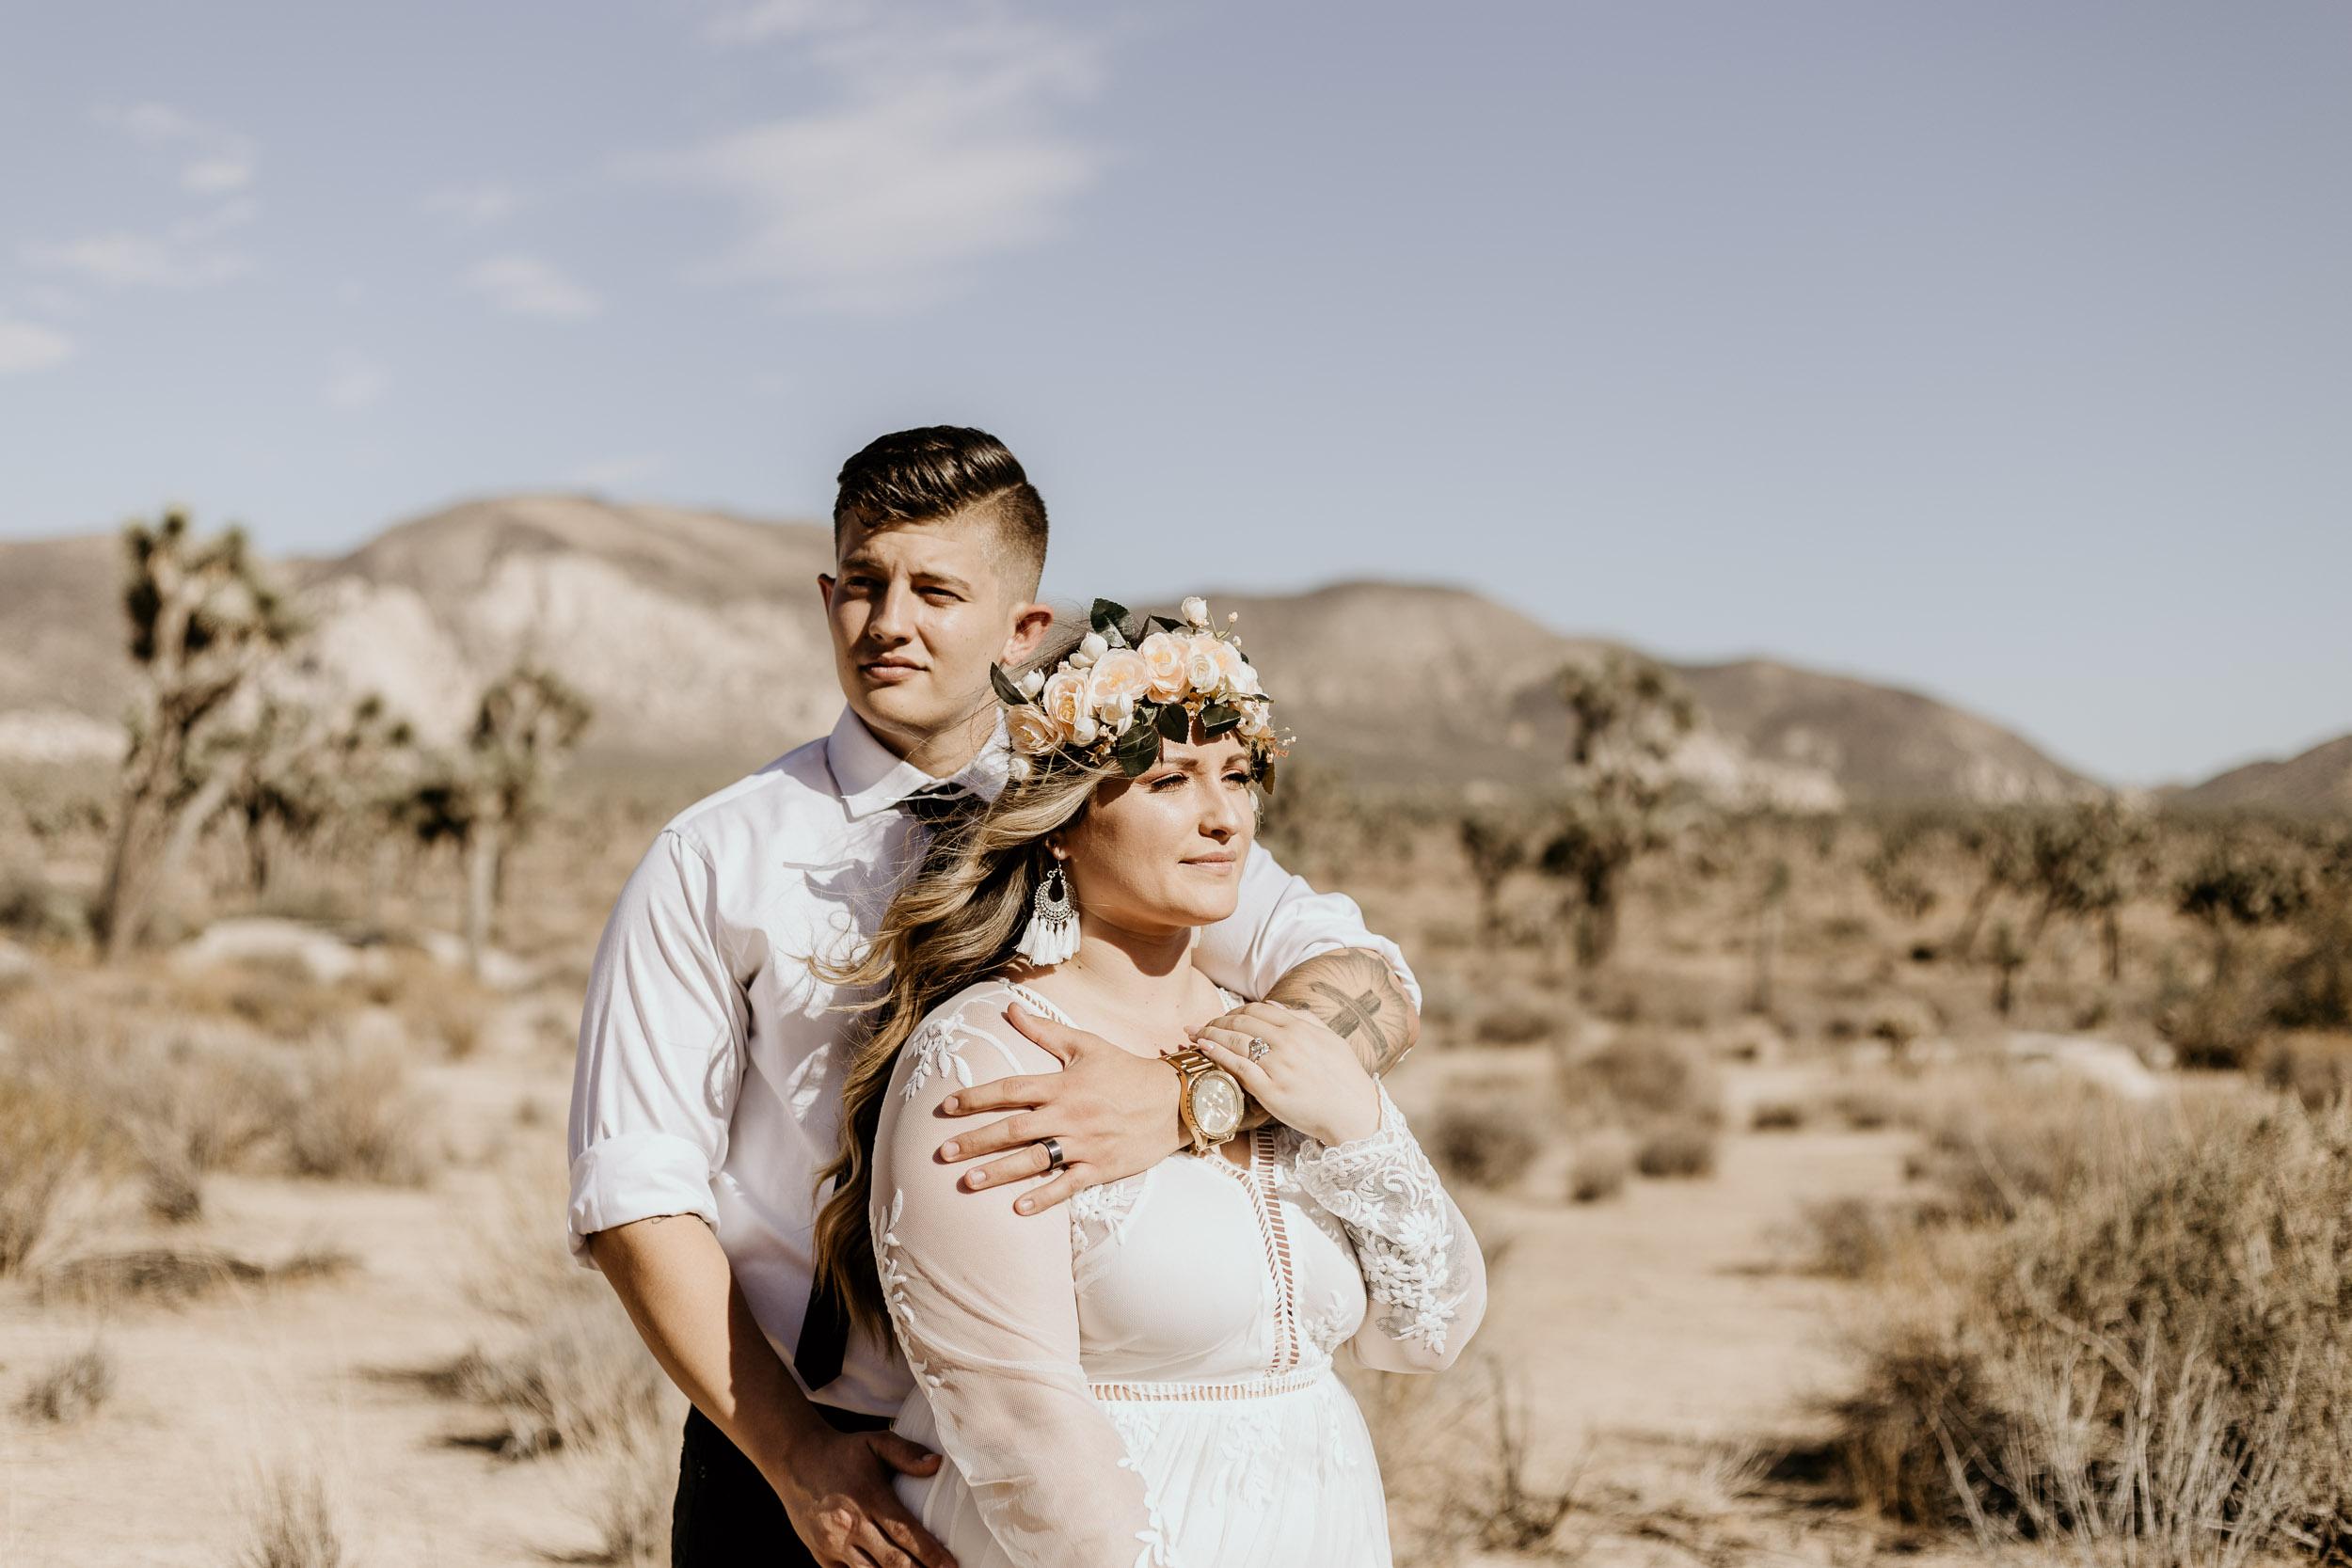 intimate-wedding-elopement-photographer-ottawa-joshua-tree-0459.jpg